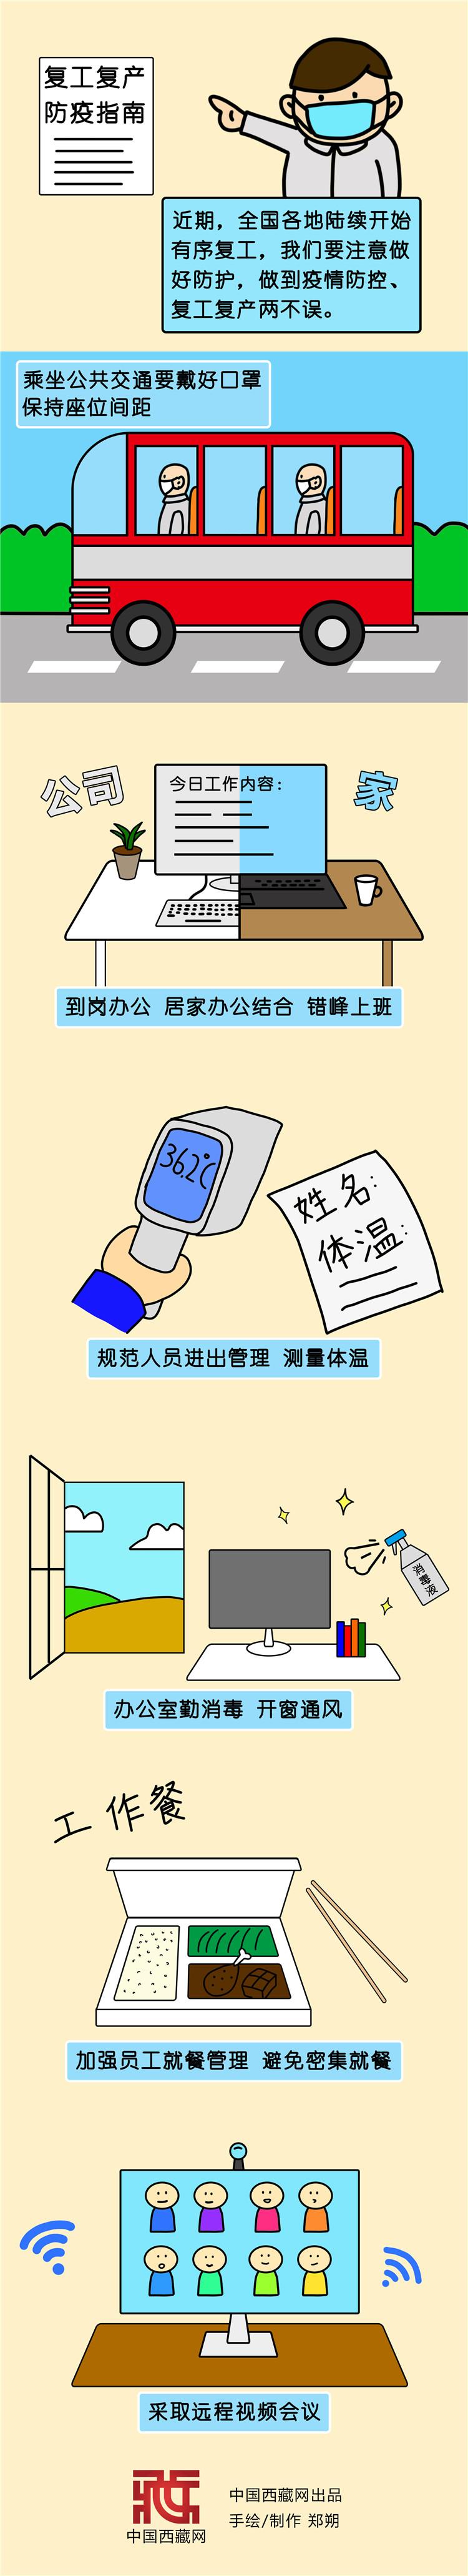 复工复产防疫指南图片